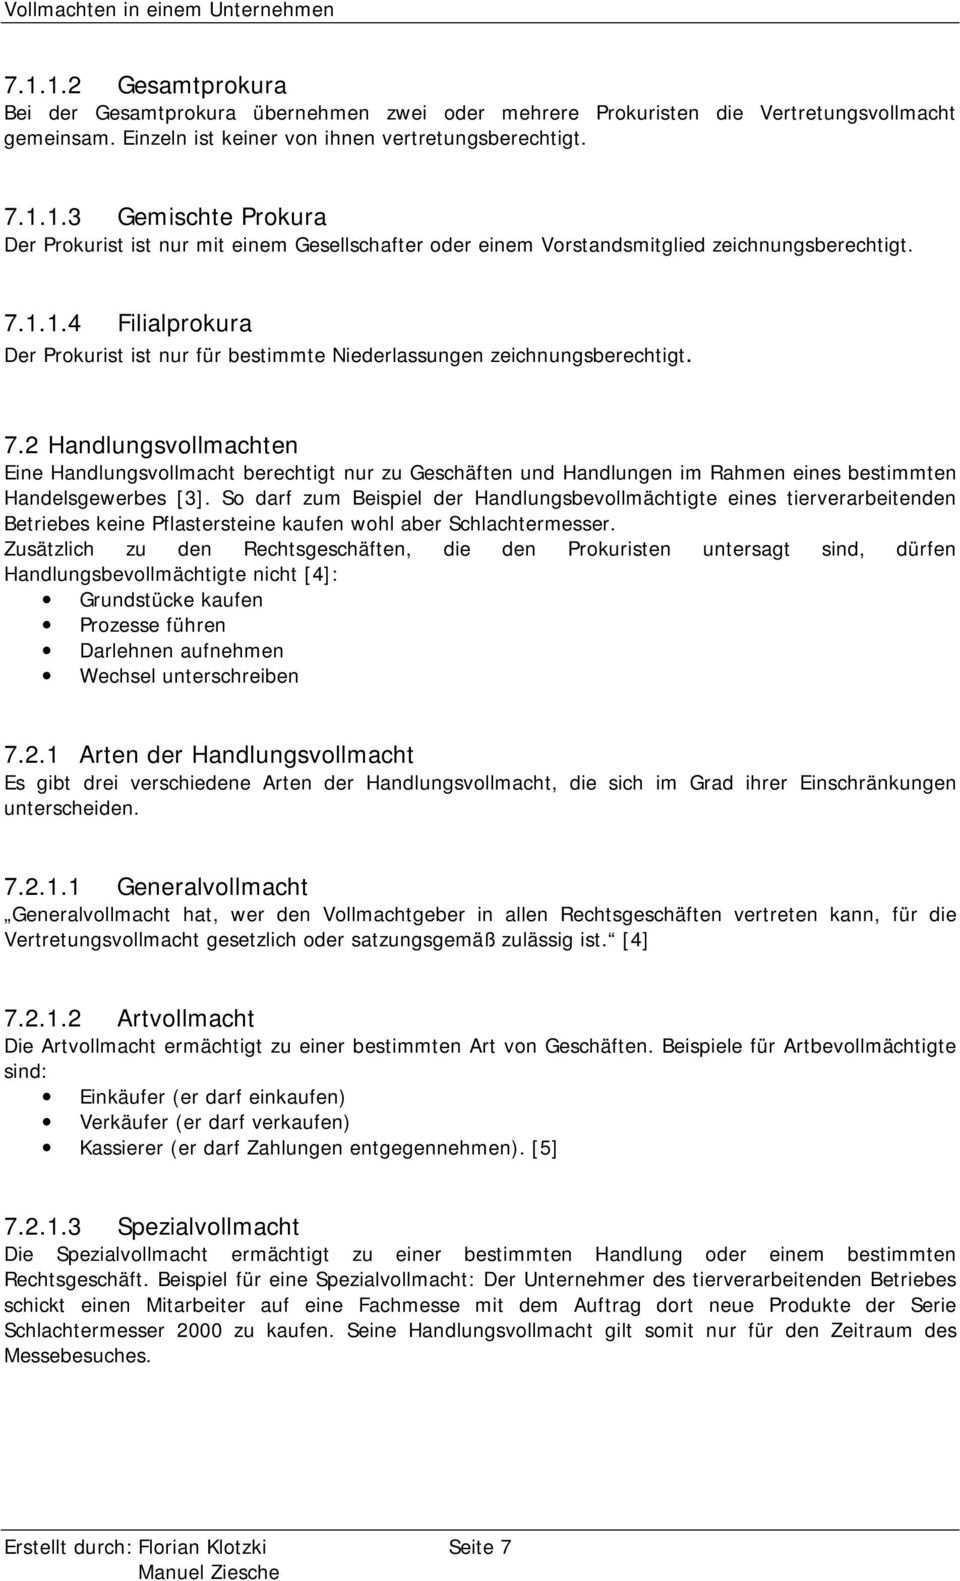 Vollmachten In Einem Unternehmen Eine Ausarbeitung Von Florian Klotzki Und Manuel Ziesche Pdf Kostenfreier Download